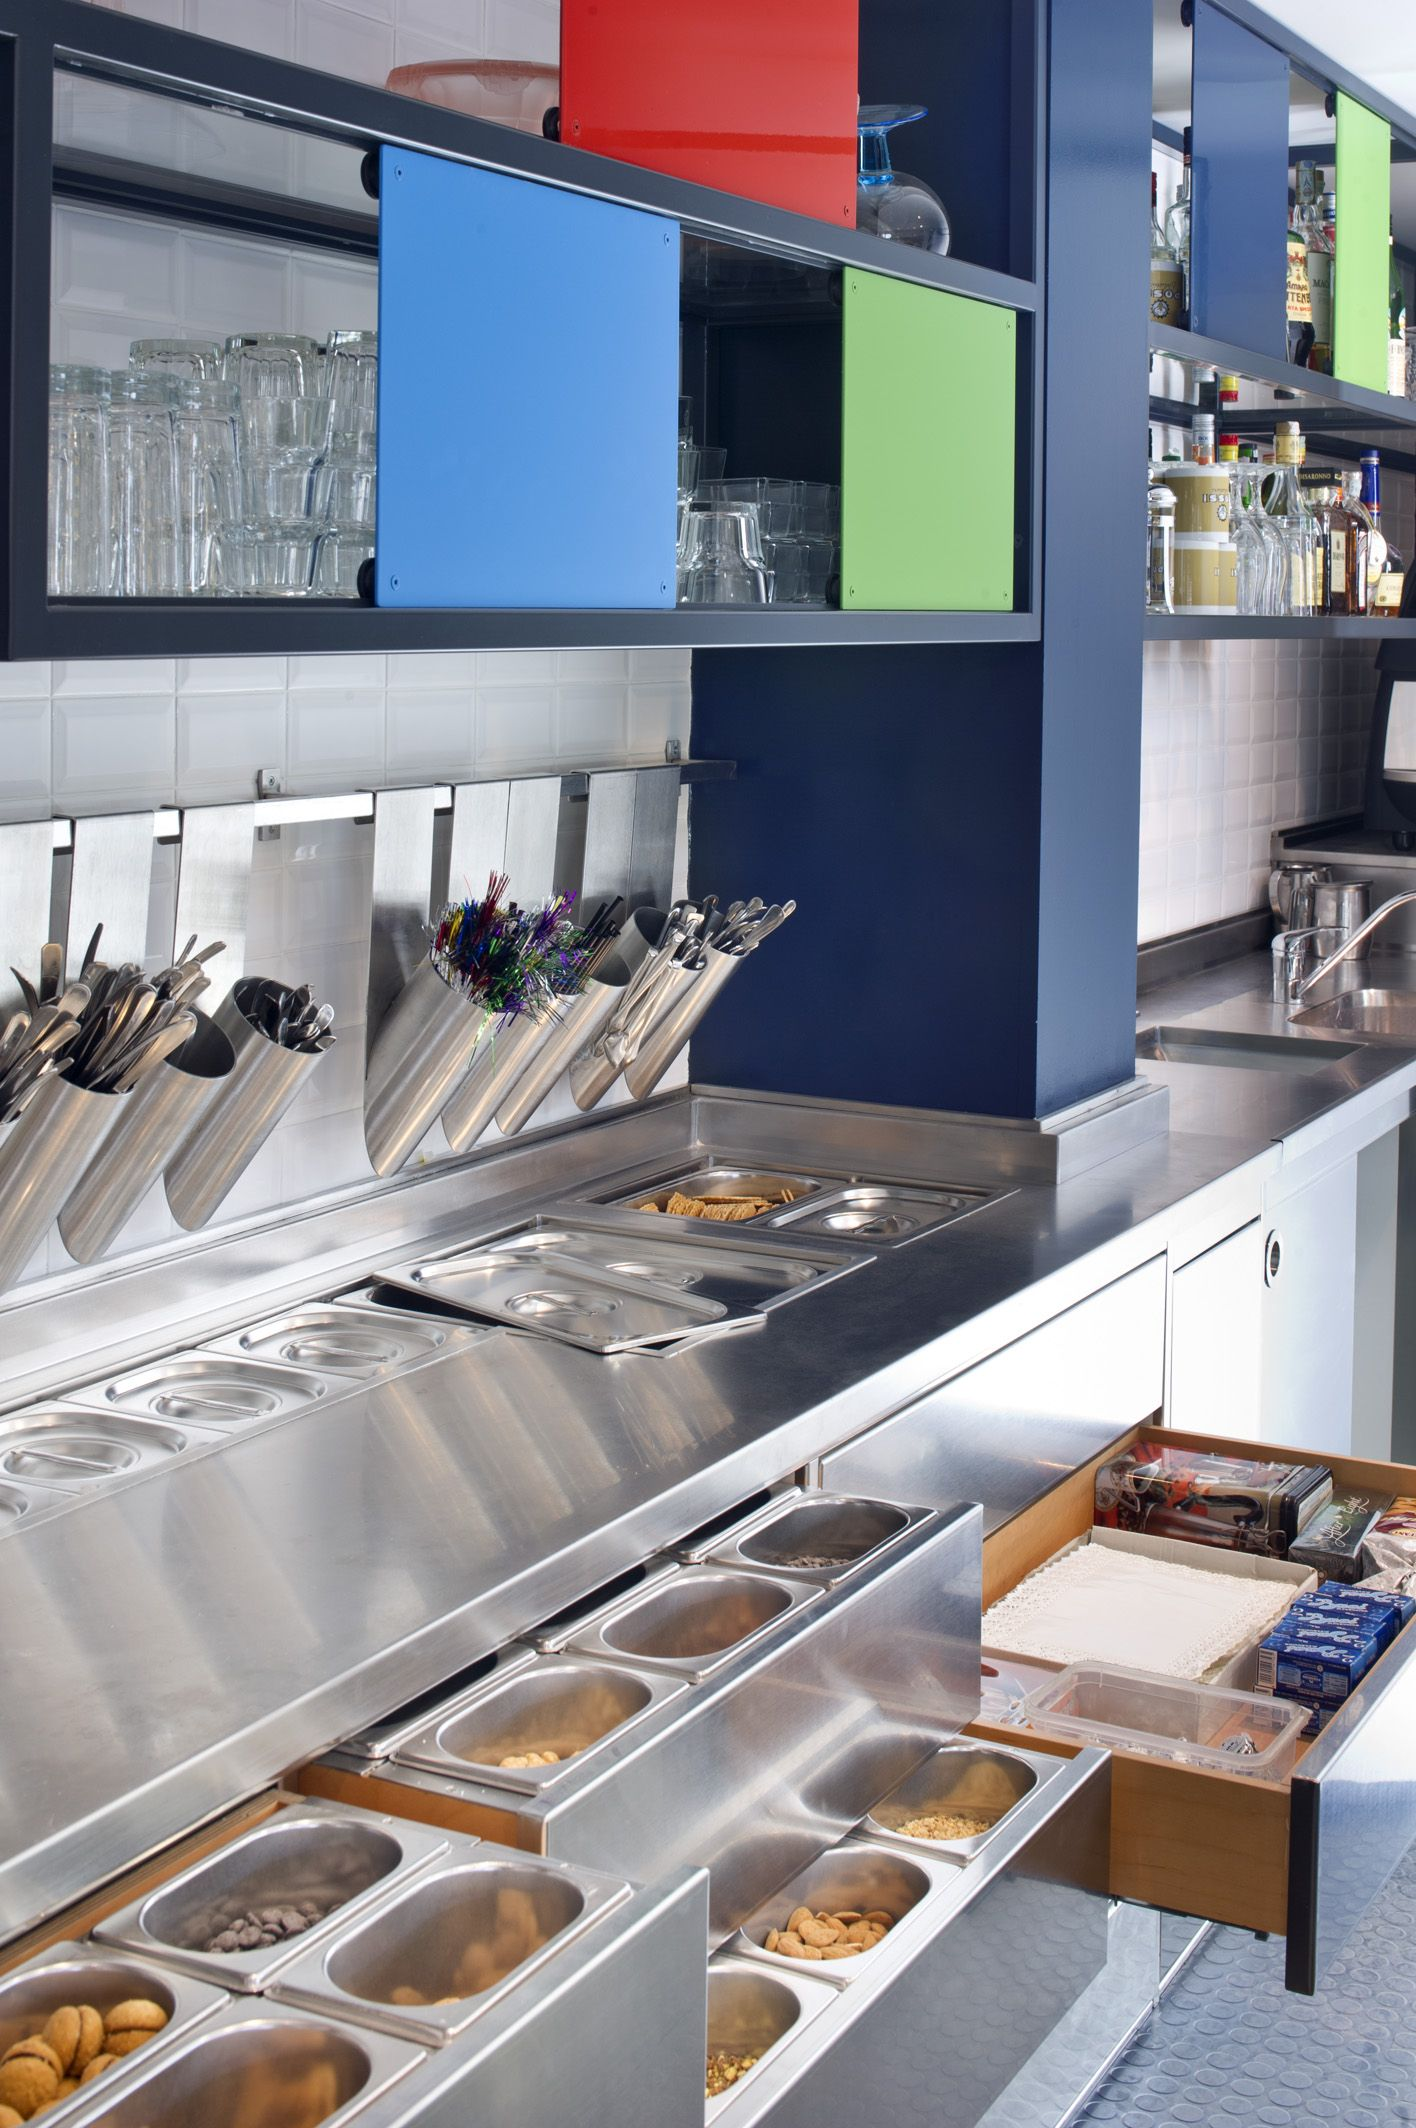 arredamento e design d'interni per la gelateria possi gelatieri ... - Arredamento Interni Gelateria